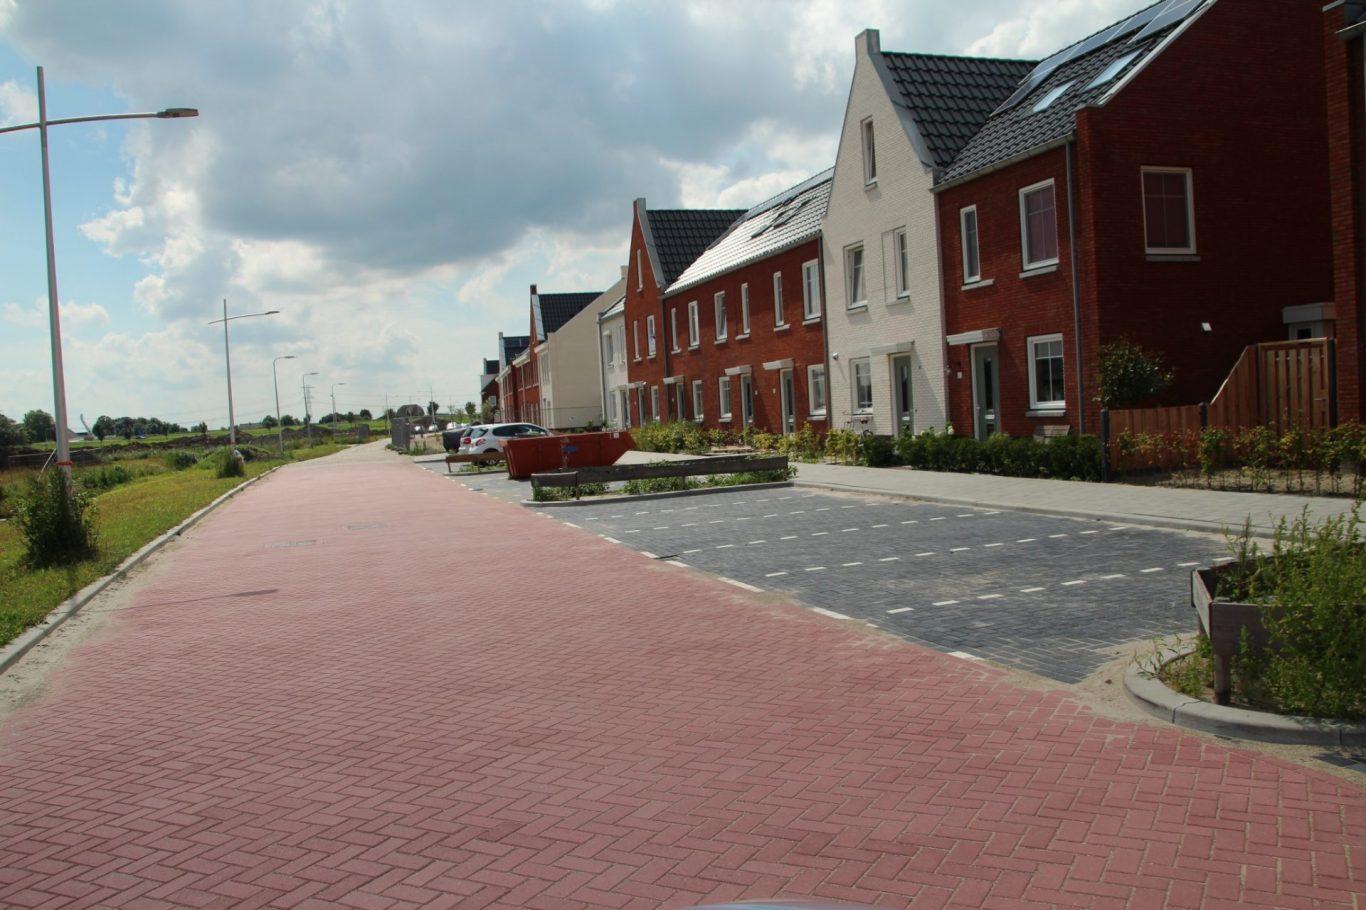 Nieuwbouw aan de rand van Zevenhuizen